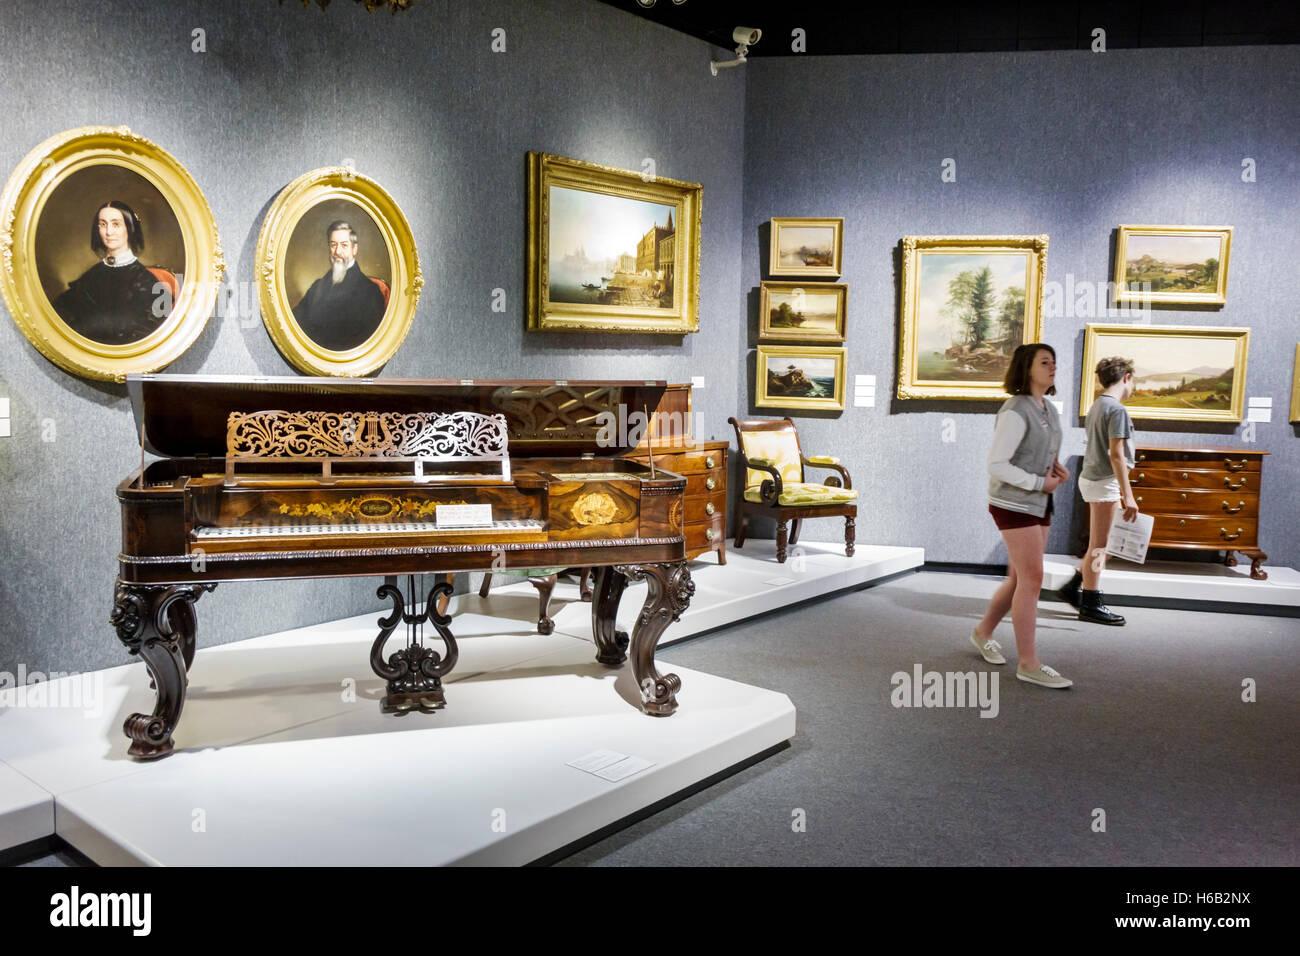 Daytona Beach Florida Museum of Arts & Sciences MOAS all'interno di primi mobili Immagini Stock